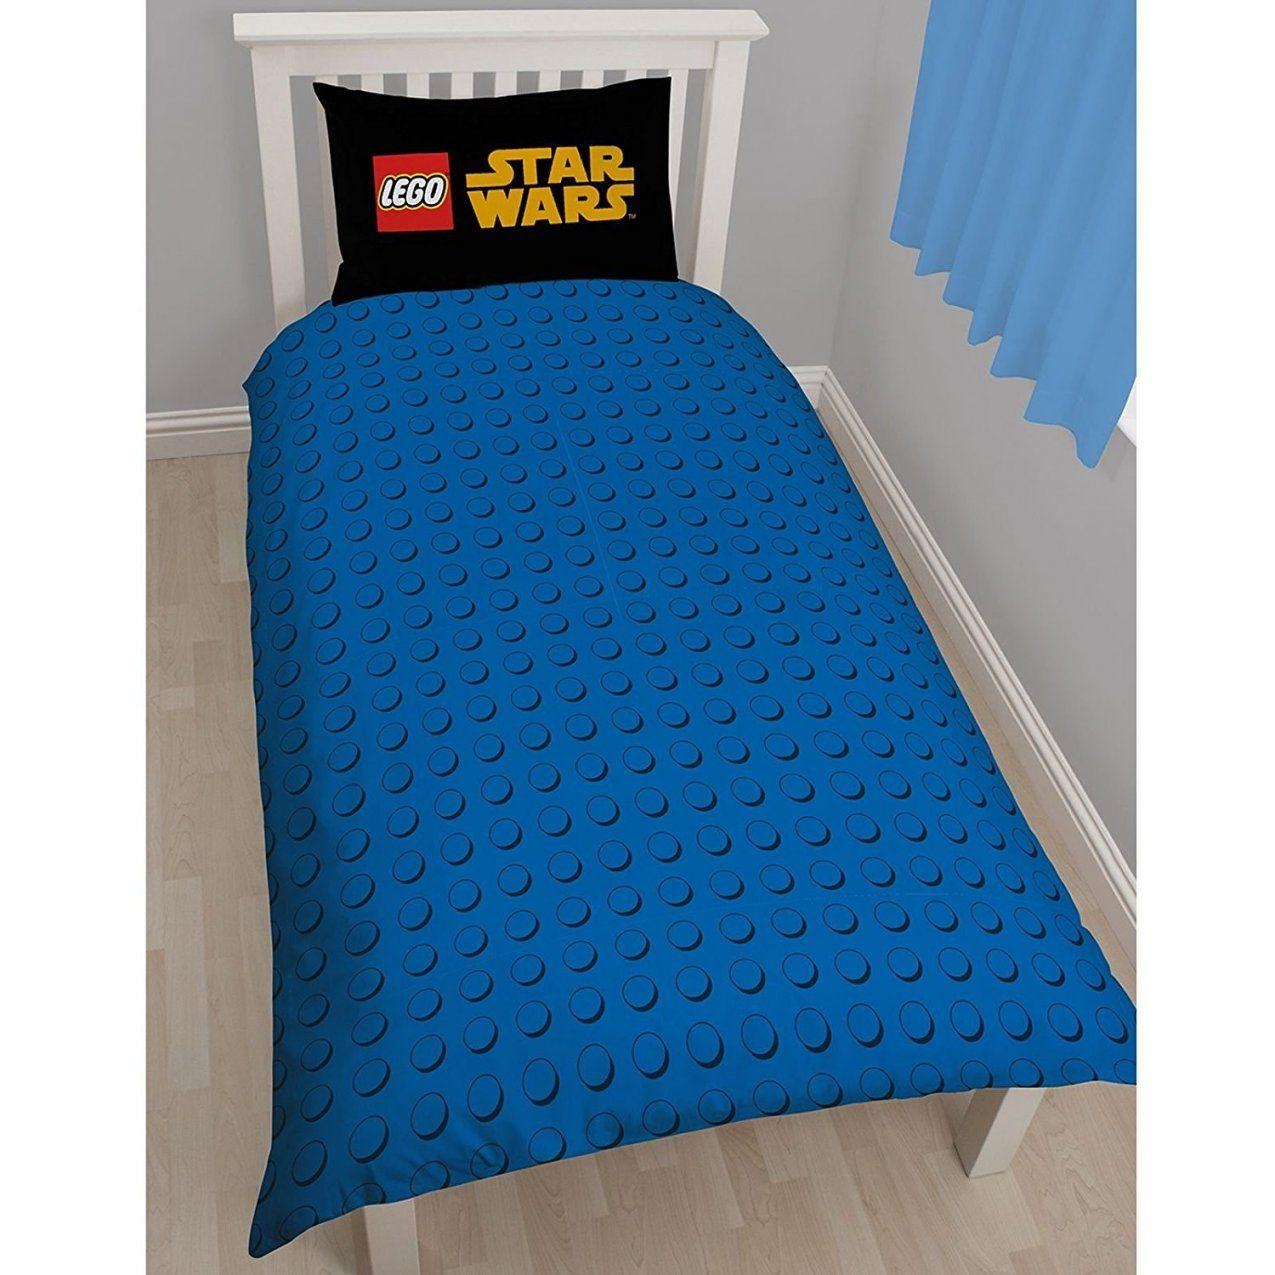 Beste Kik Bettwäsche Star Wars  Bettwäsche Ideen von Star Wars Bettwäsche Kik Photo